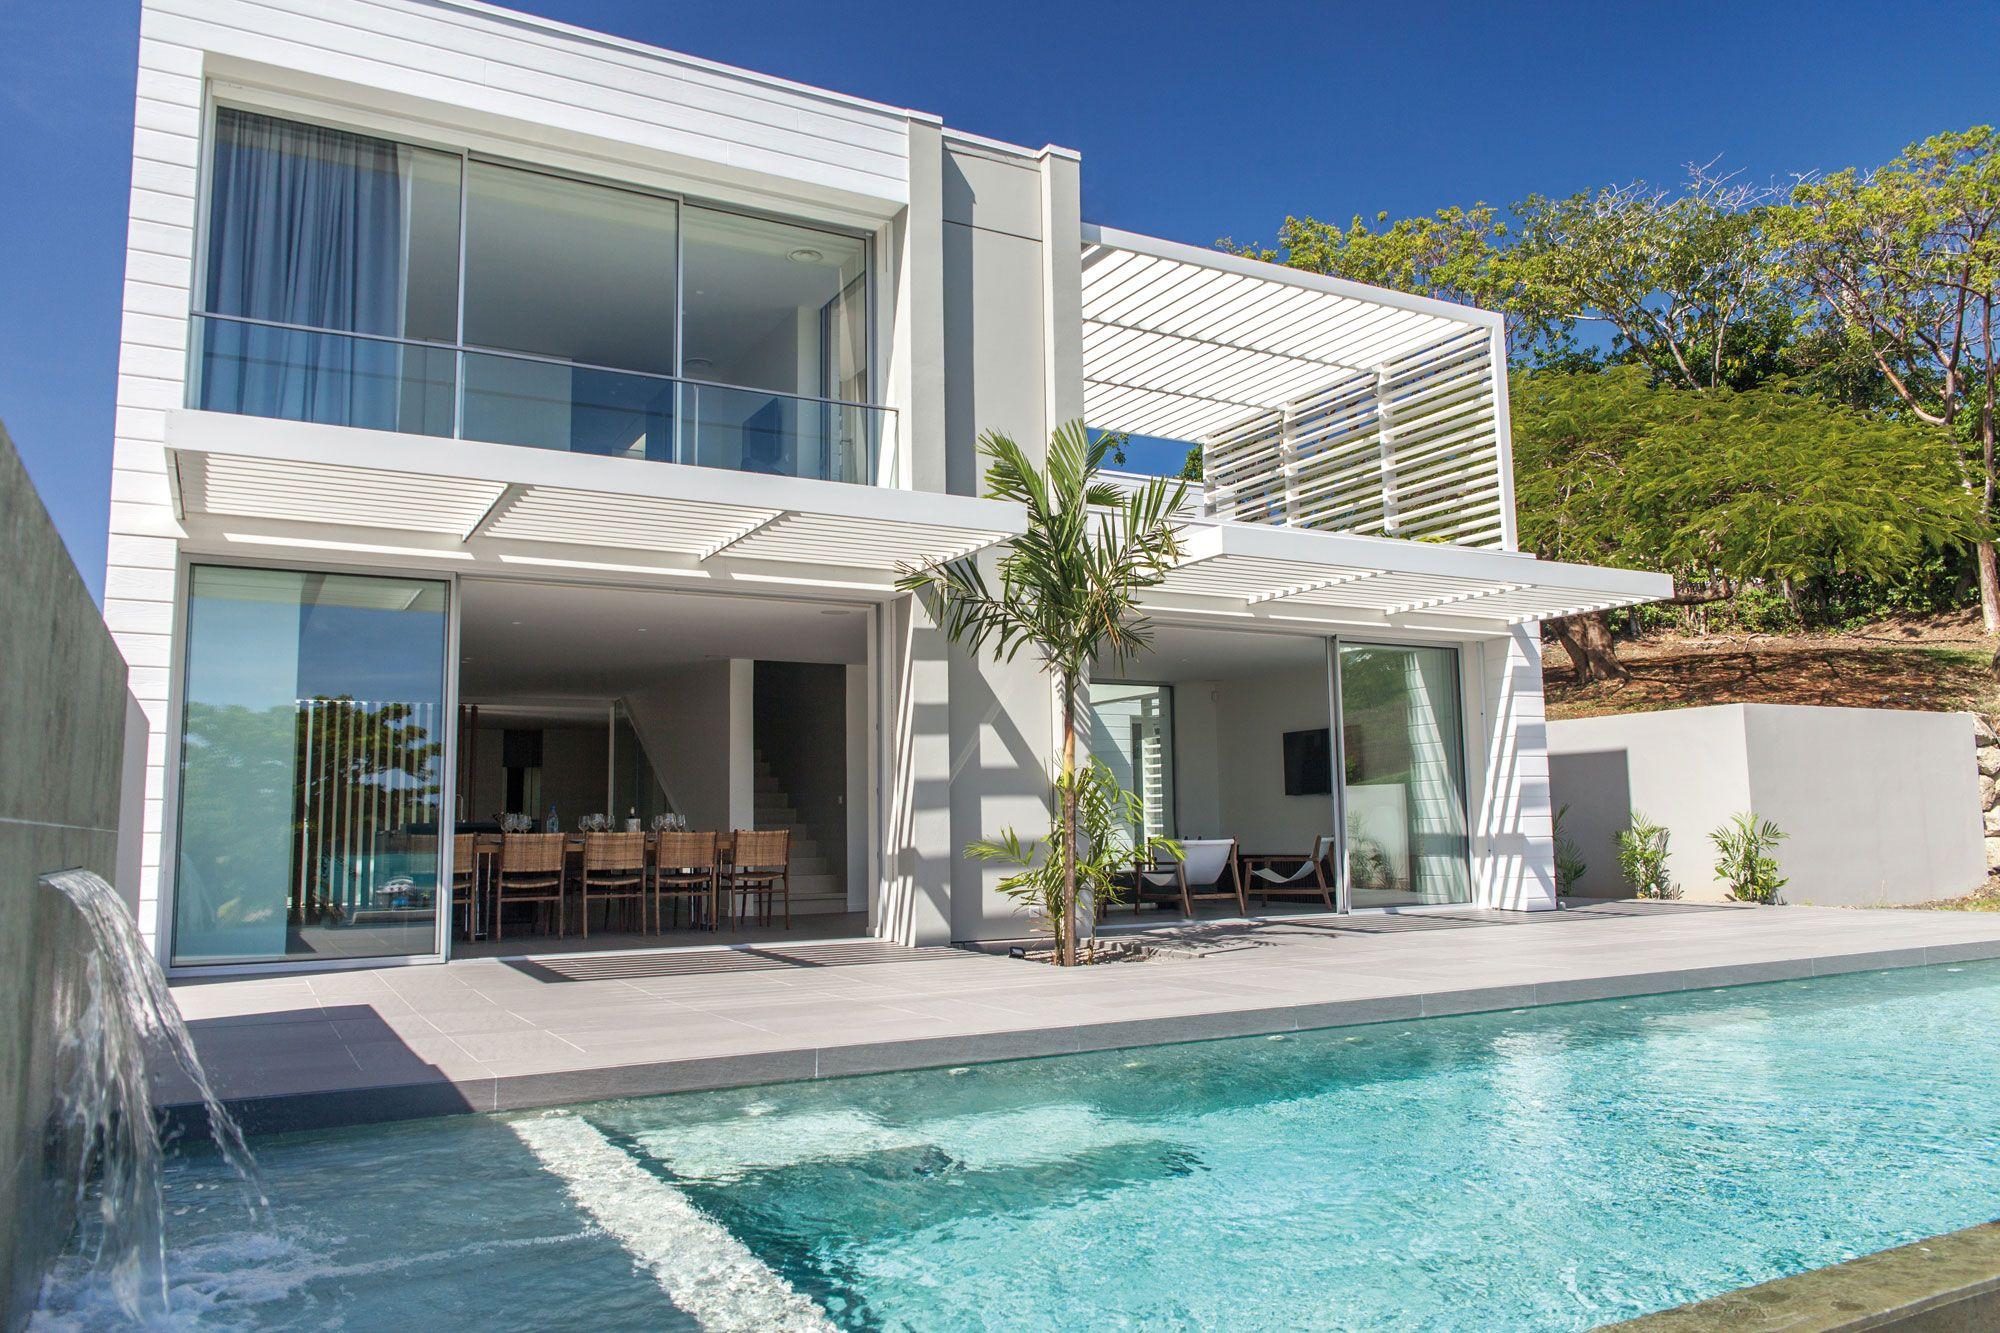 La Maison Hermes Une villa luxueuse de 6 chambres originales